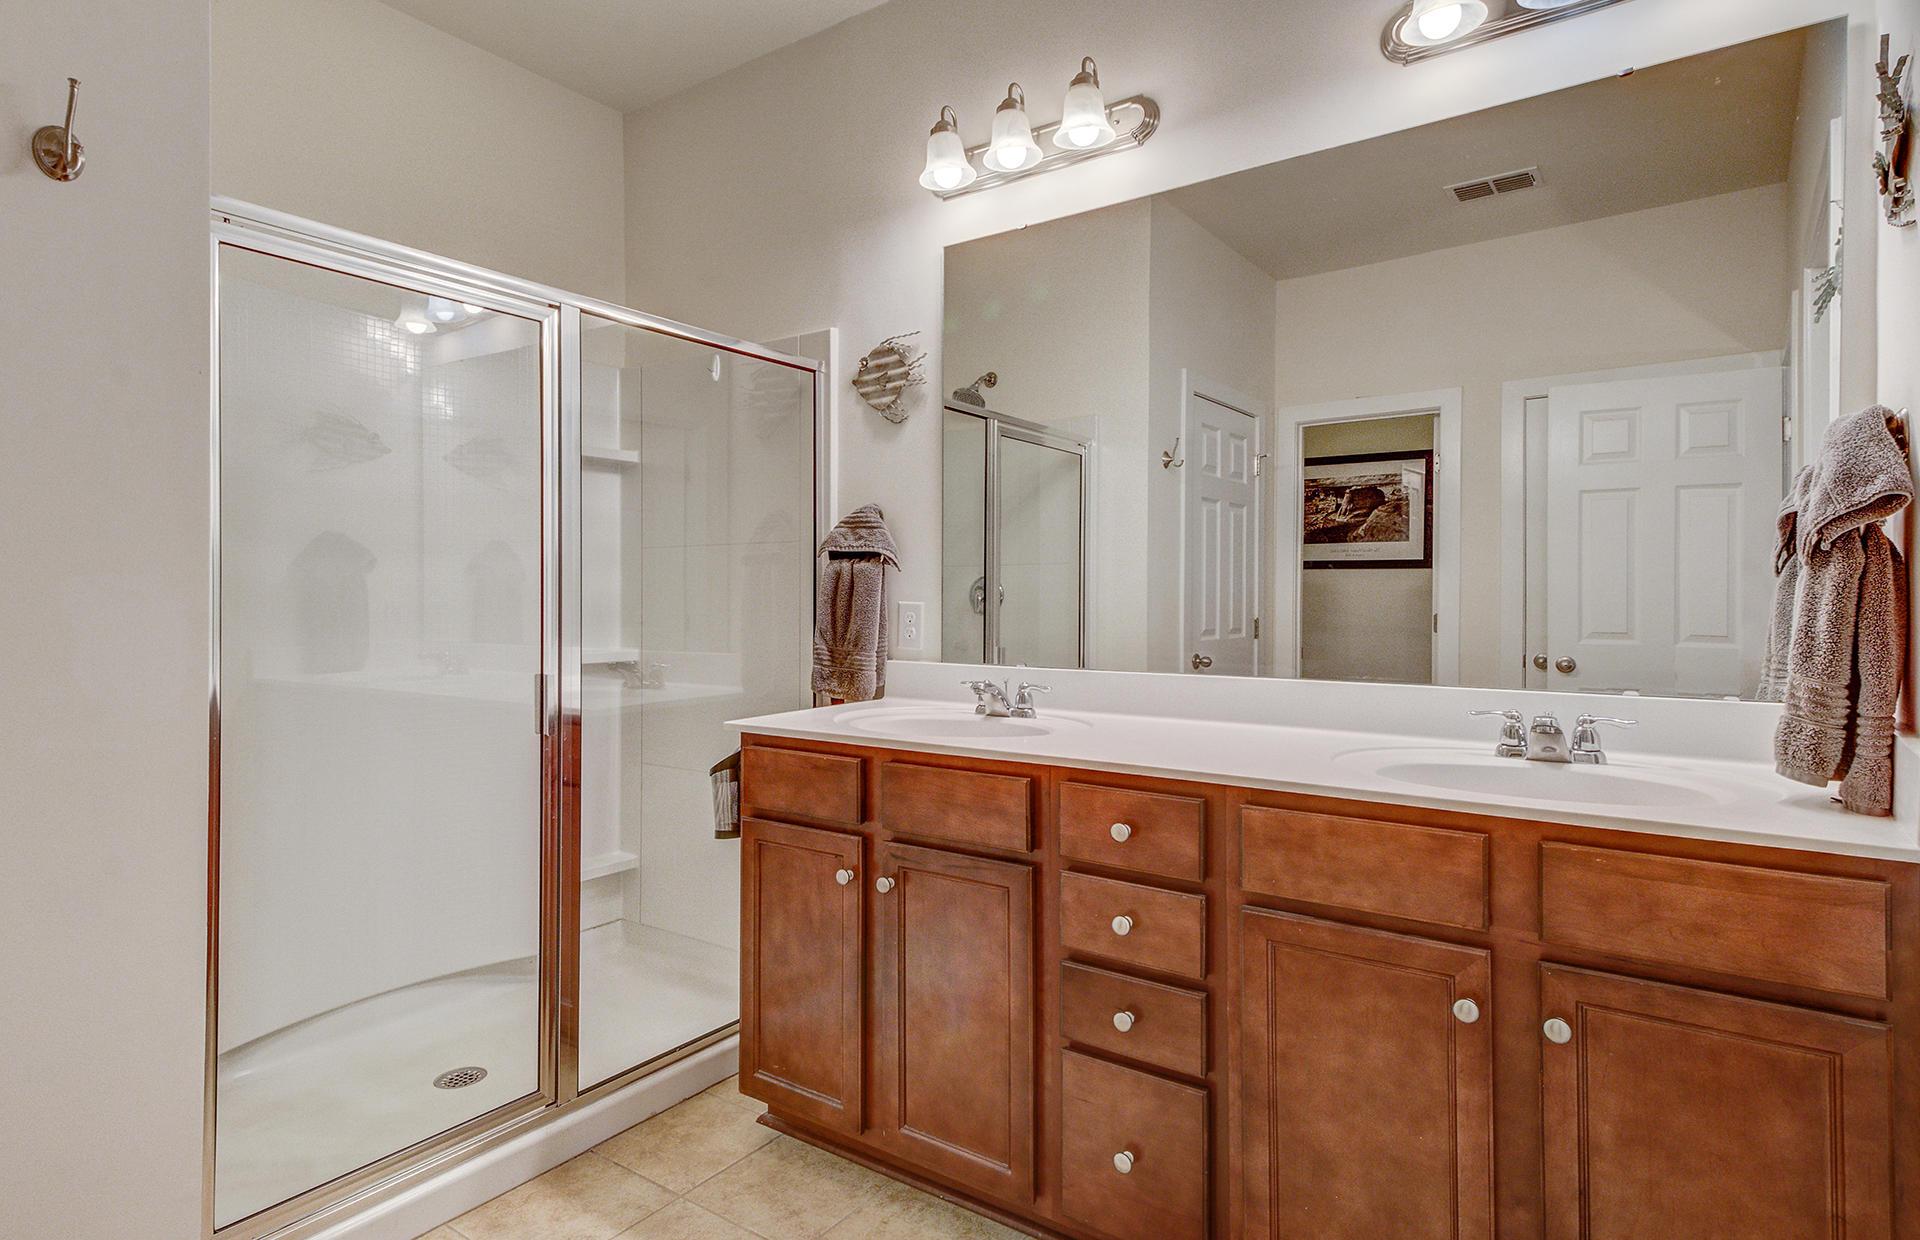 Boltons Landing Homes For Sale - 3143 Moonlight, Charleston, SC - 20